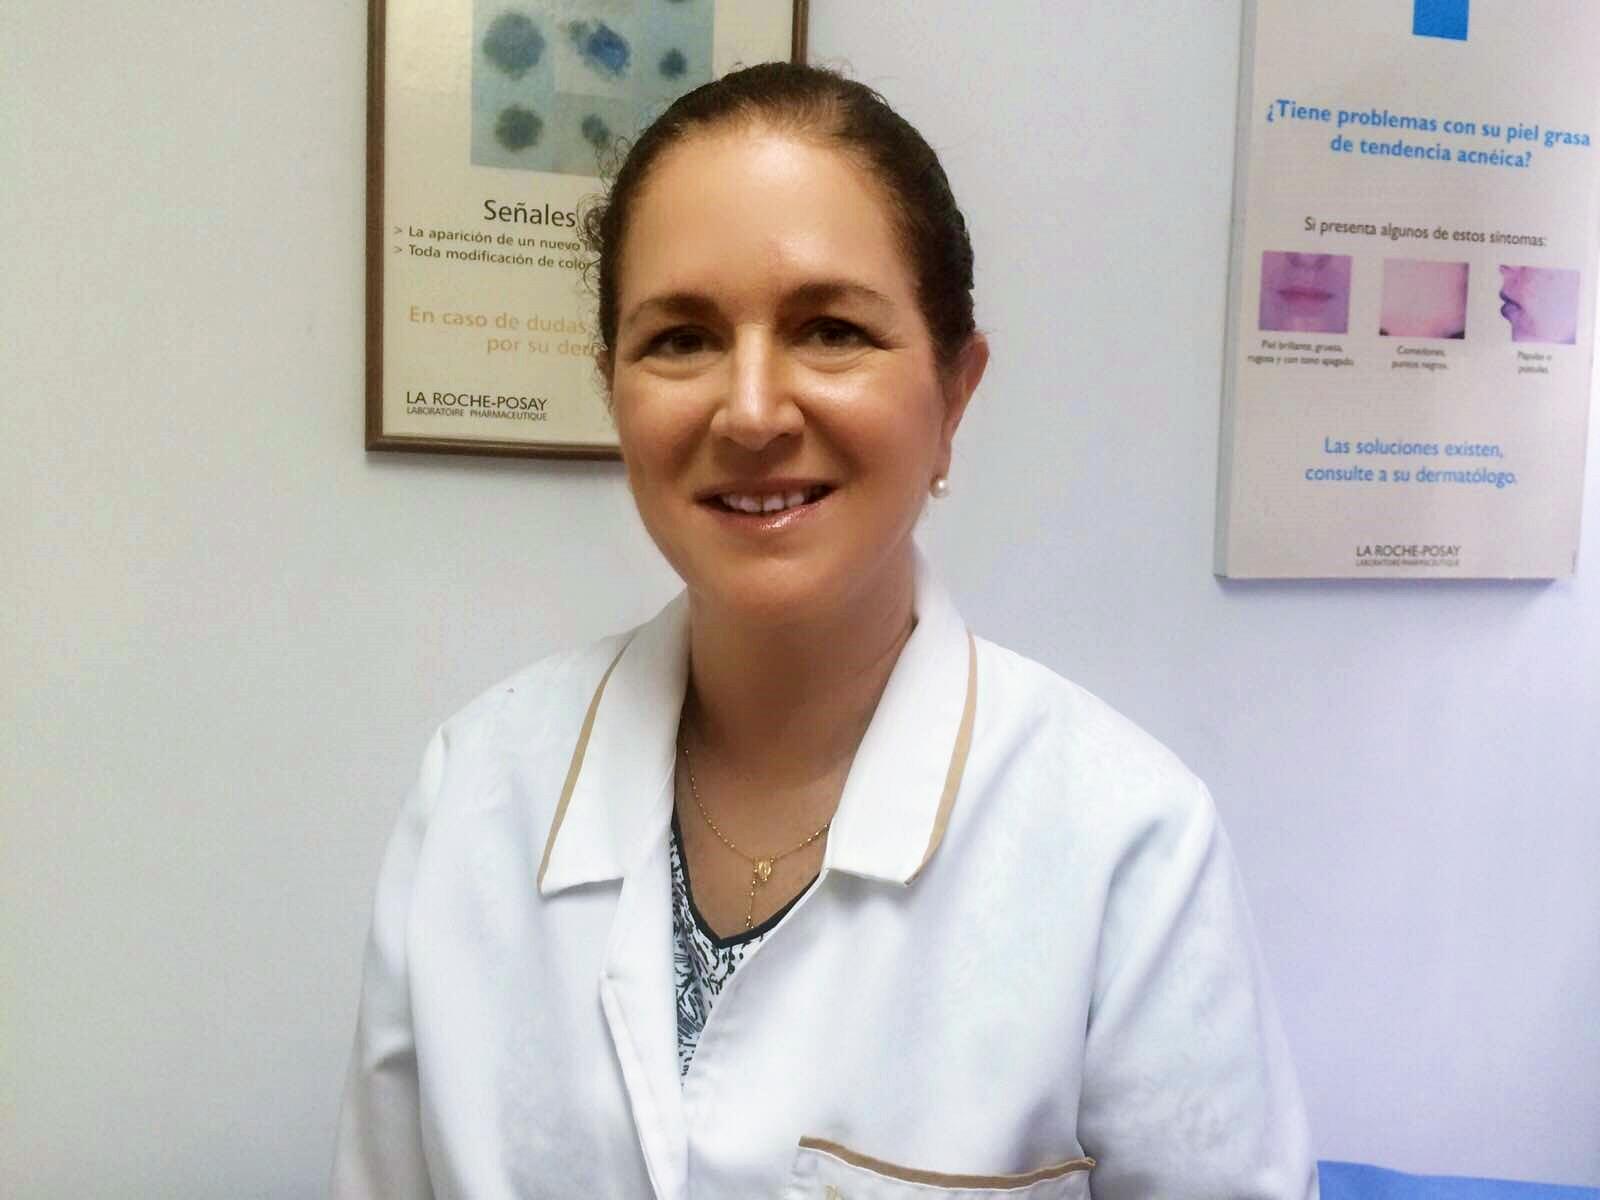 Dra Ranalli dermatologa venezolana